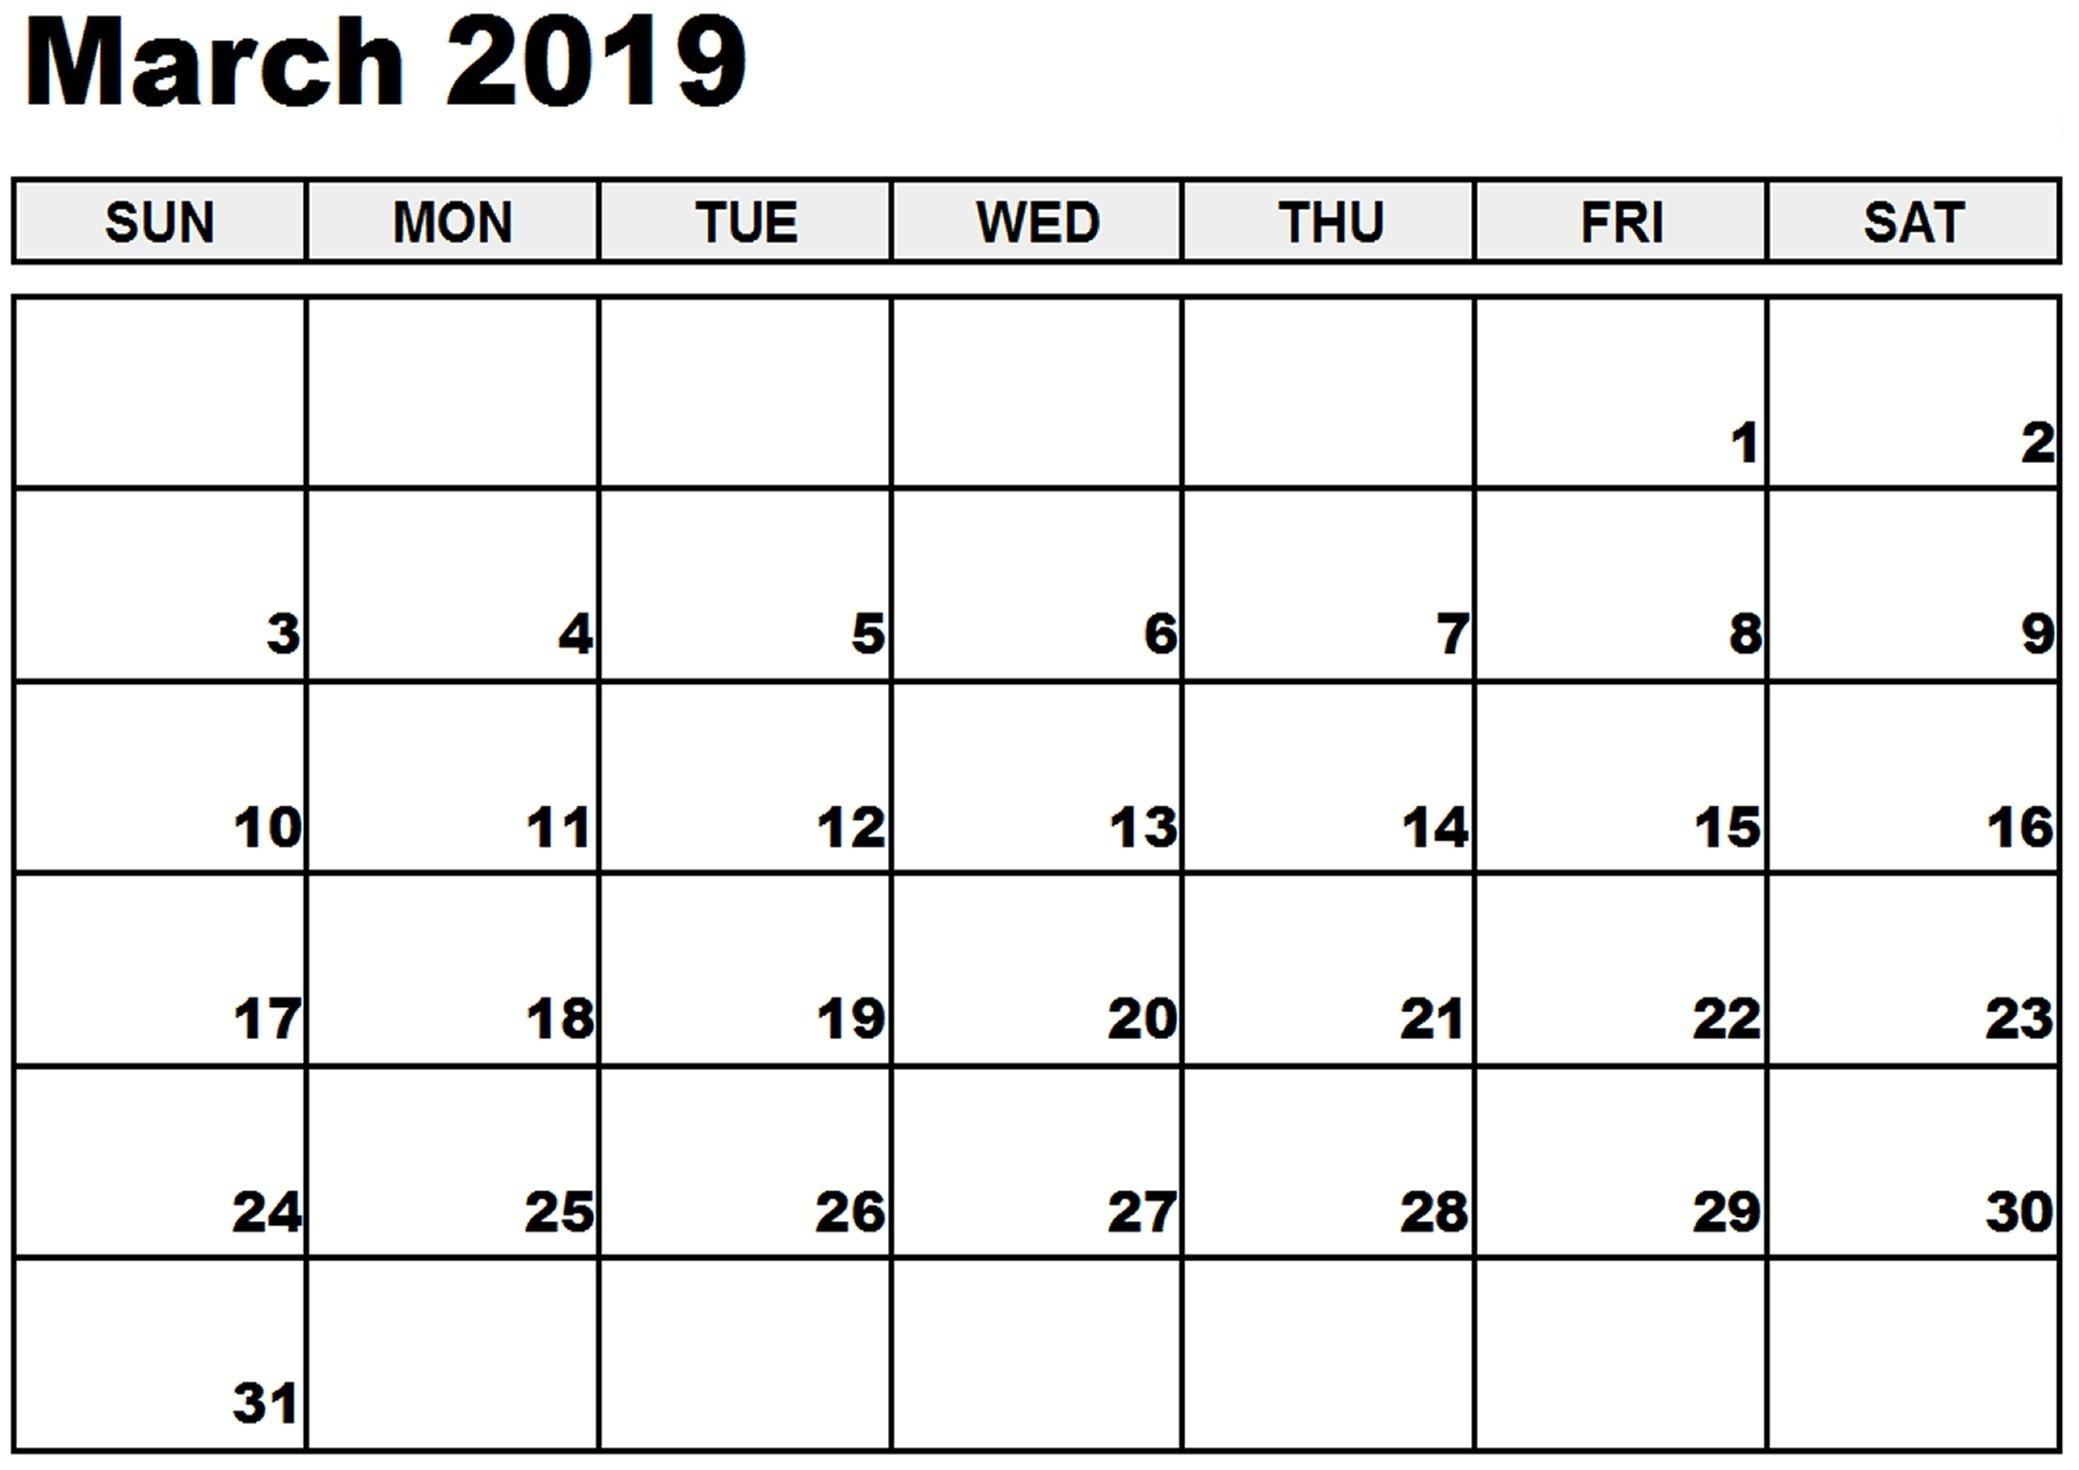 March Holiday Calendar 2019 Mejores Y Más Novedosos Free March 2019 Printable Calendar Templates Calendar Hour 2019 Of March Holiday Calendar 2019 Más Caliente Printable March 2019 Calendar Template Holidays Yes Calendars